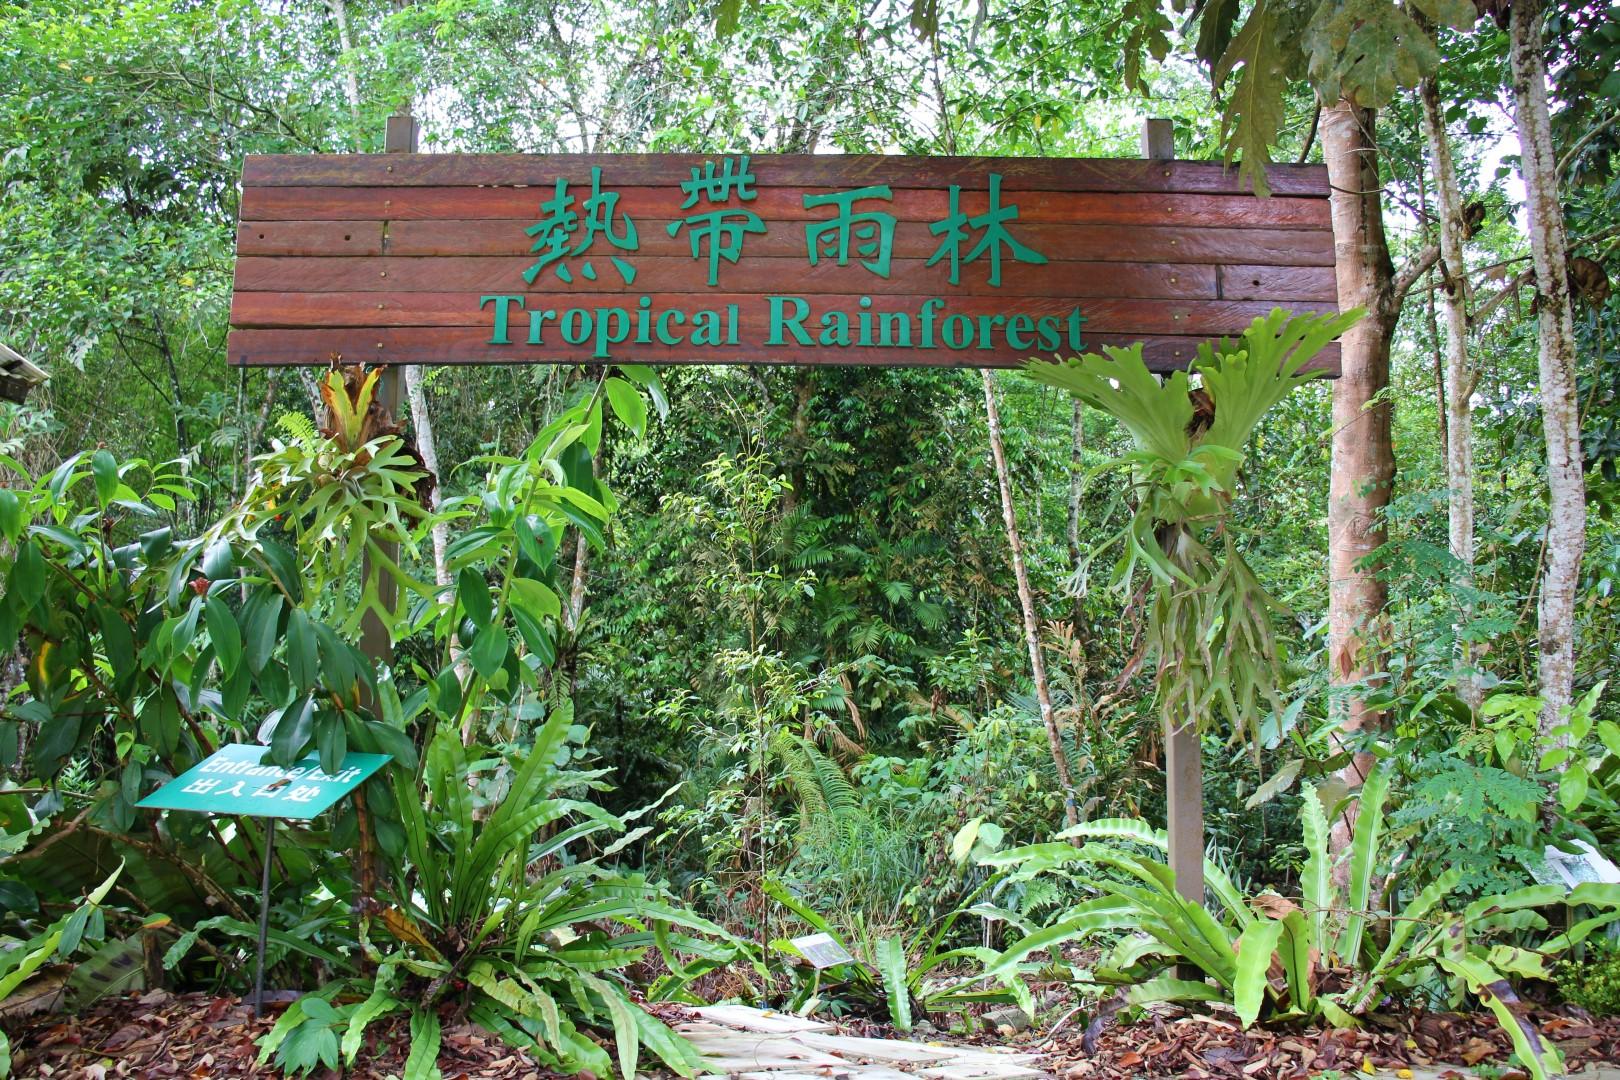 Tropical Rainforest Entrance